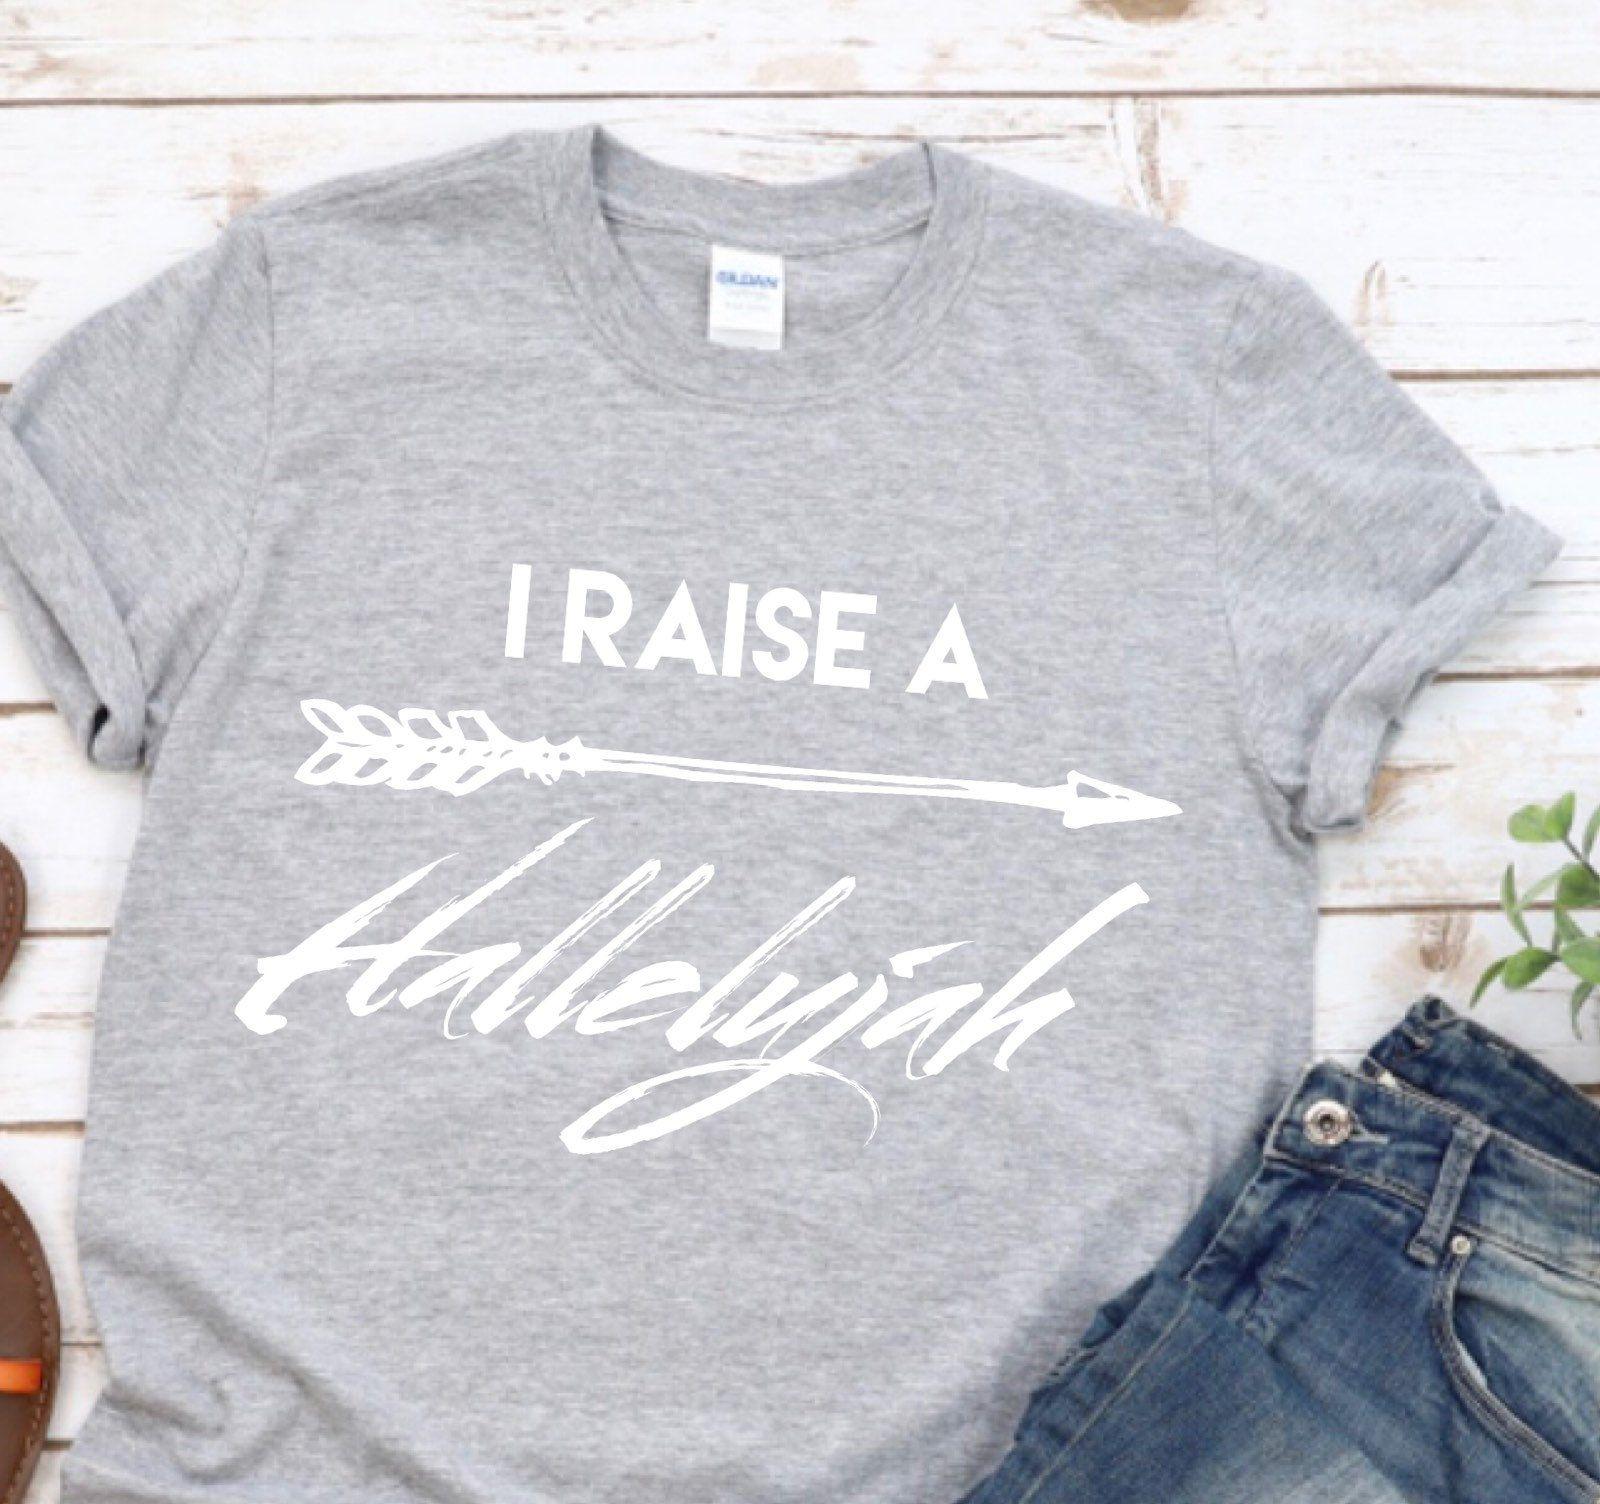 I raise a hallelujah christian faith lyrics tee with arrow